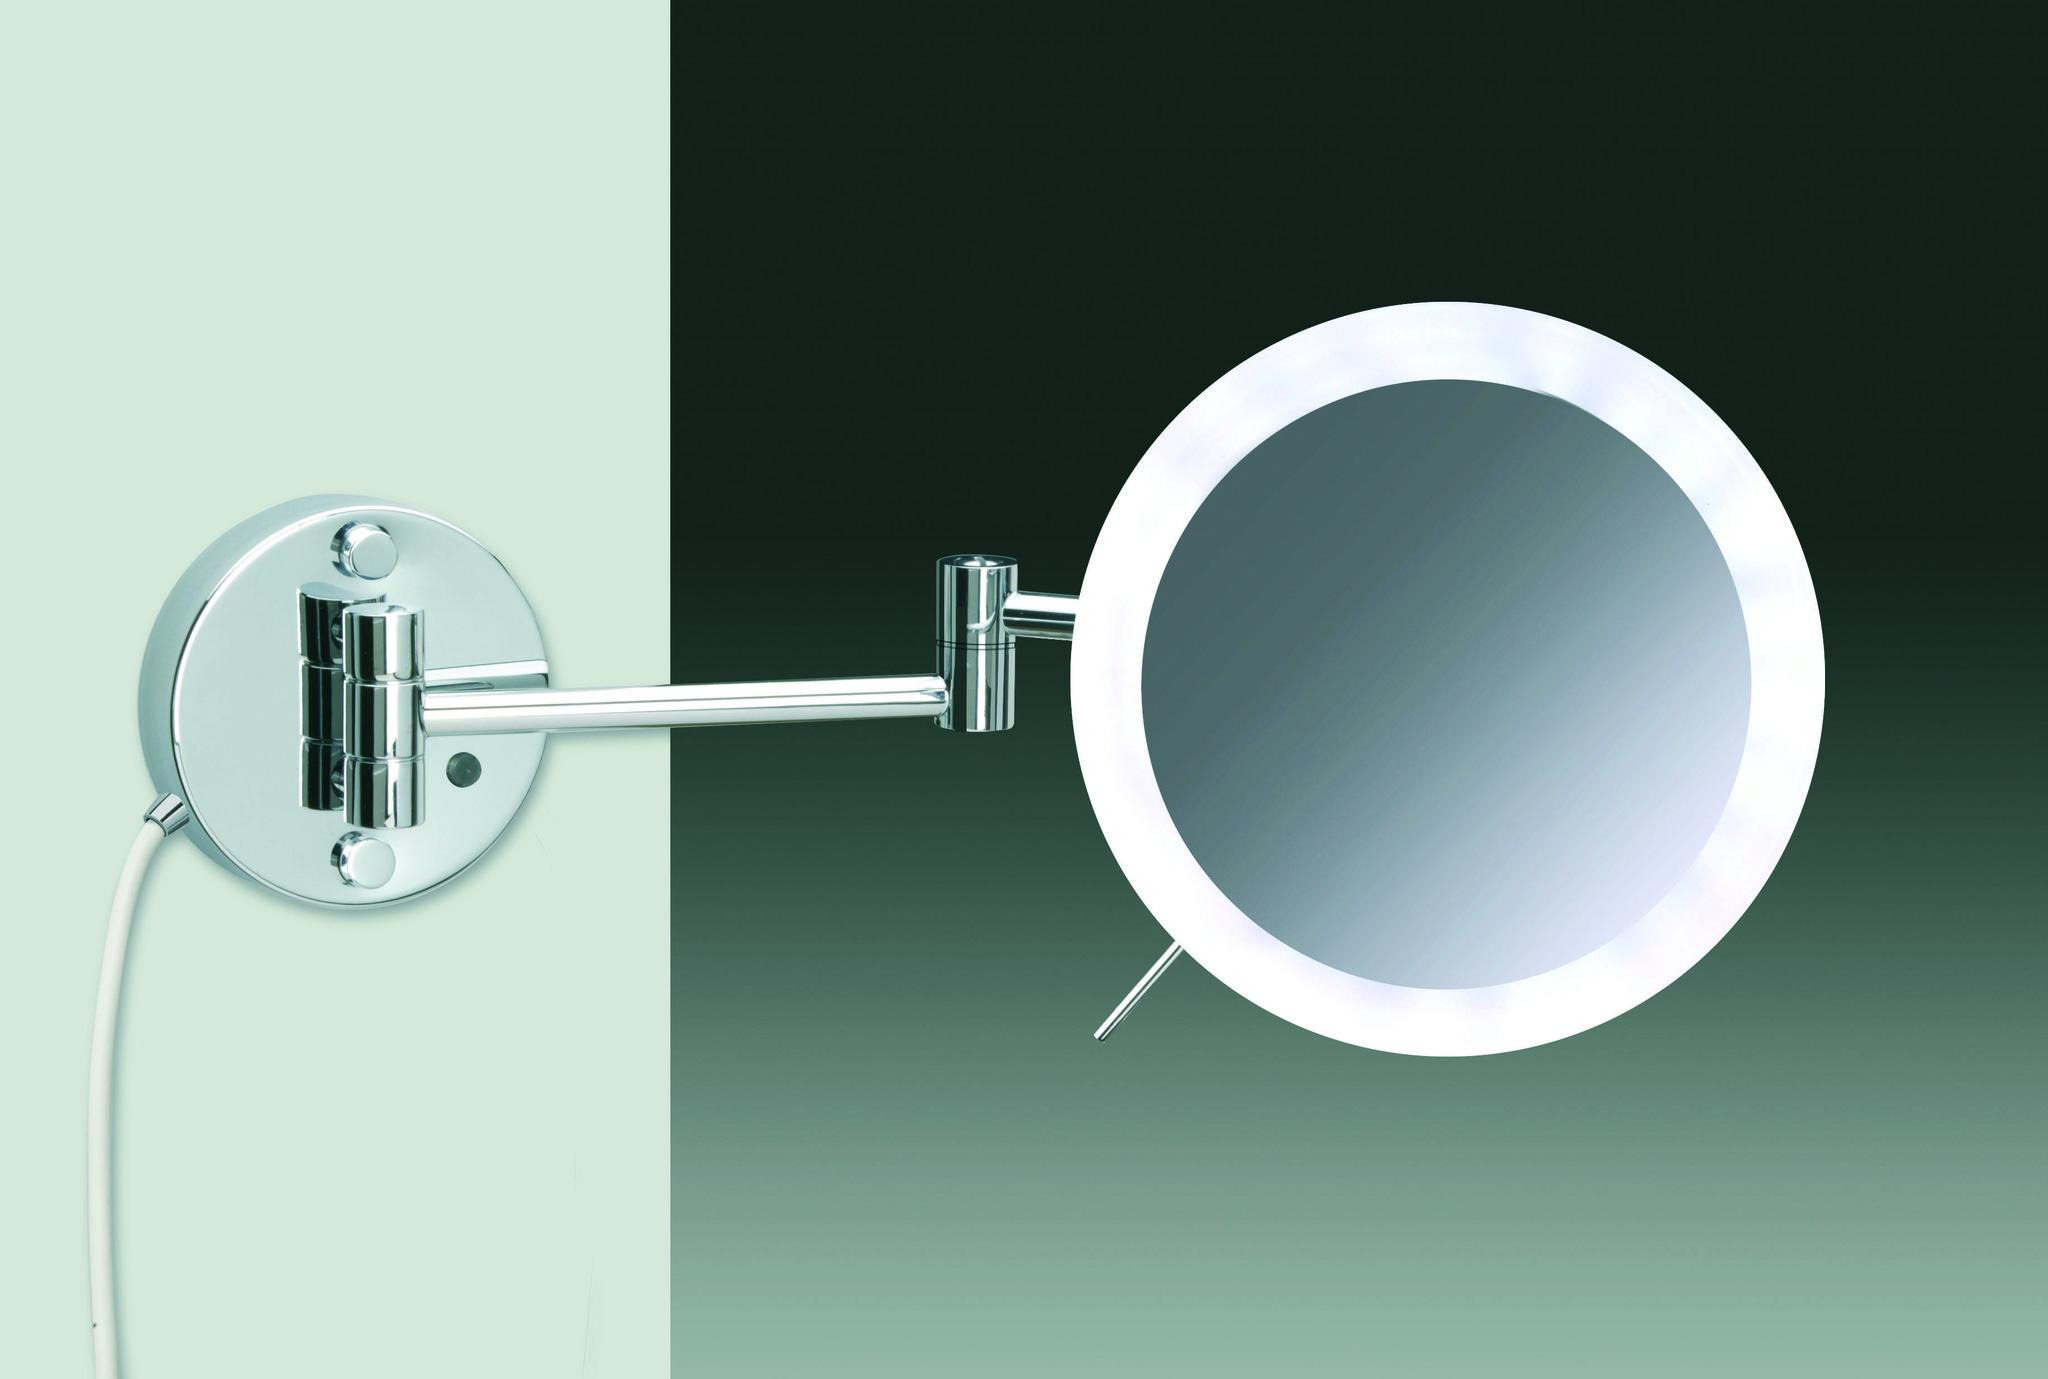 Зеркала Зеркало косметическое Windisch 99850/2CR 5XD elitnoe-zerkalo-kosmeticheskoe-998502-ot-windisch-ispaniya.jpg